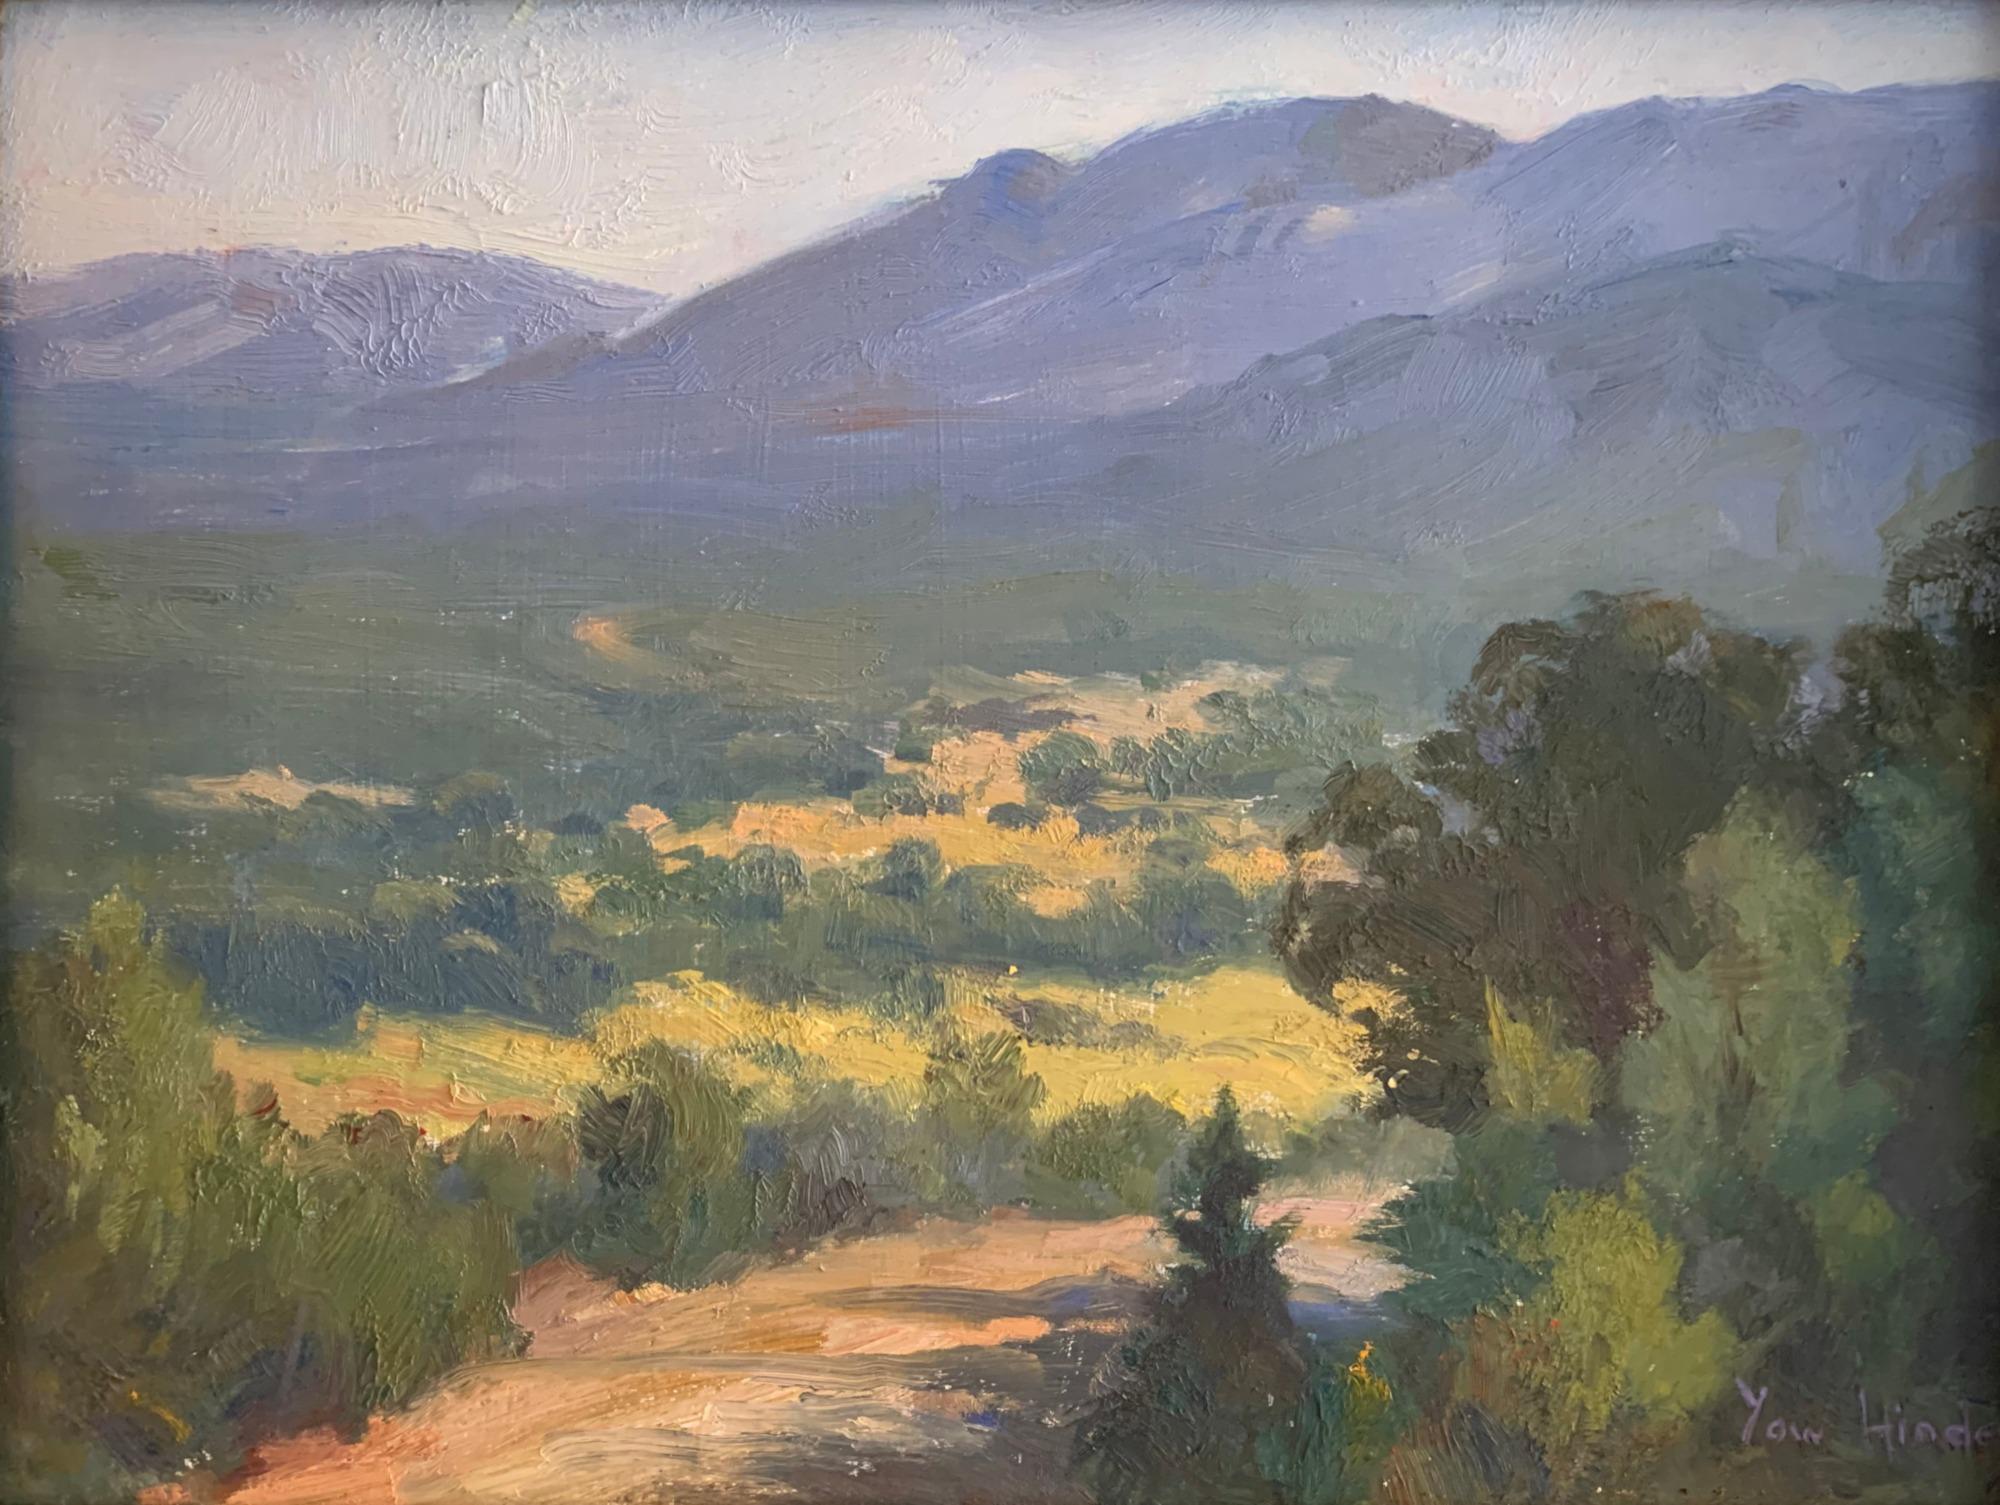 Near Taos